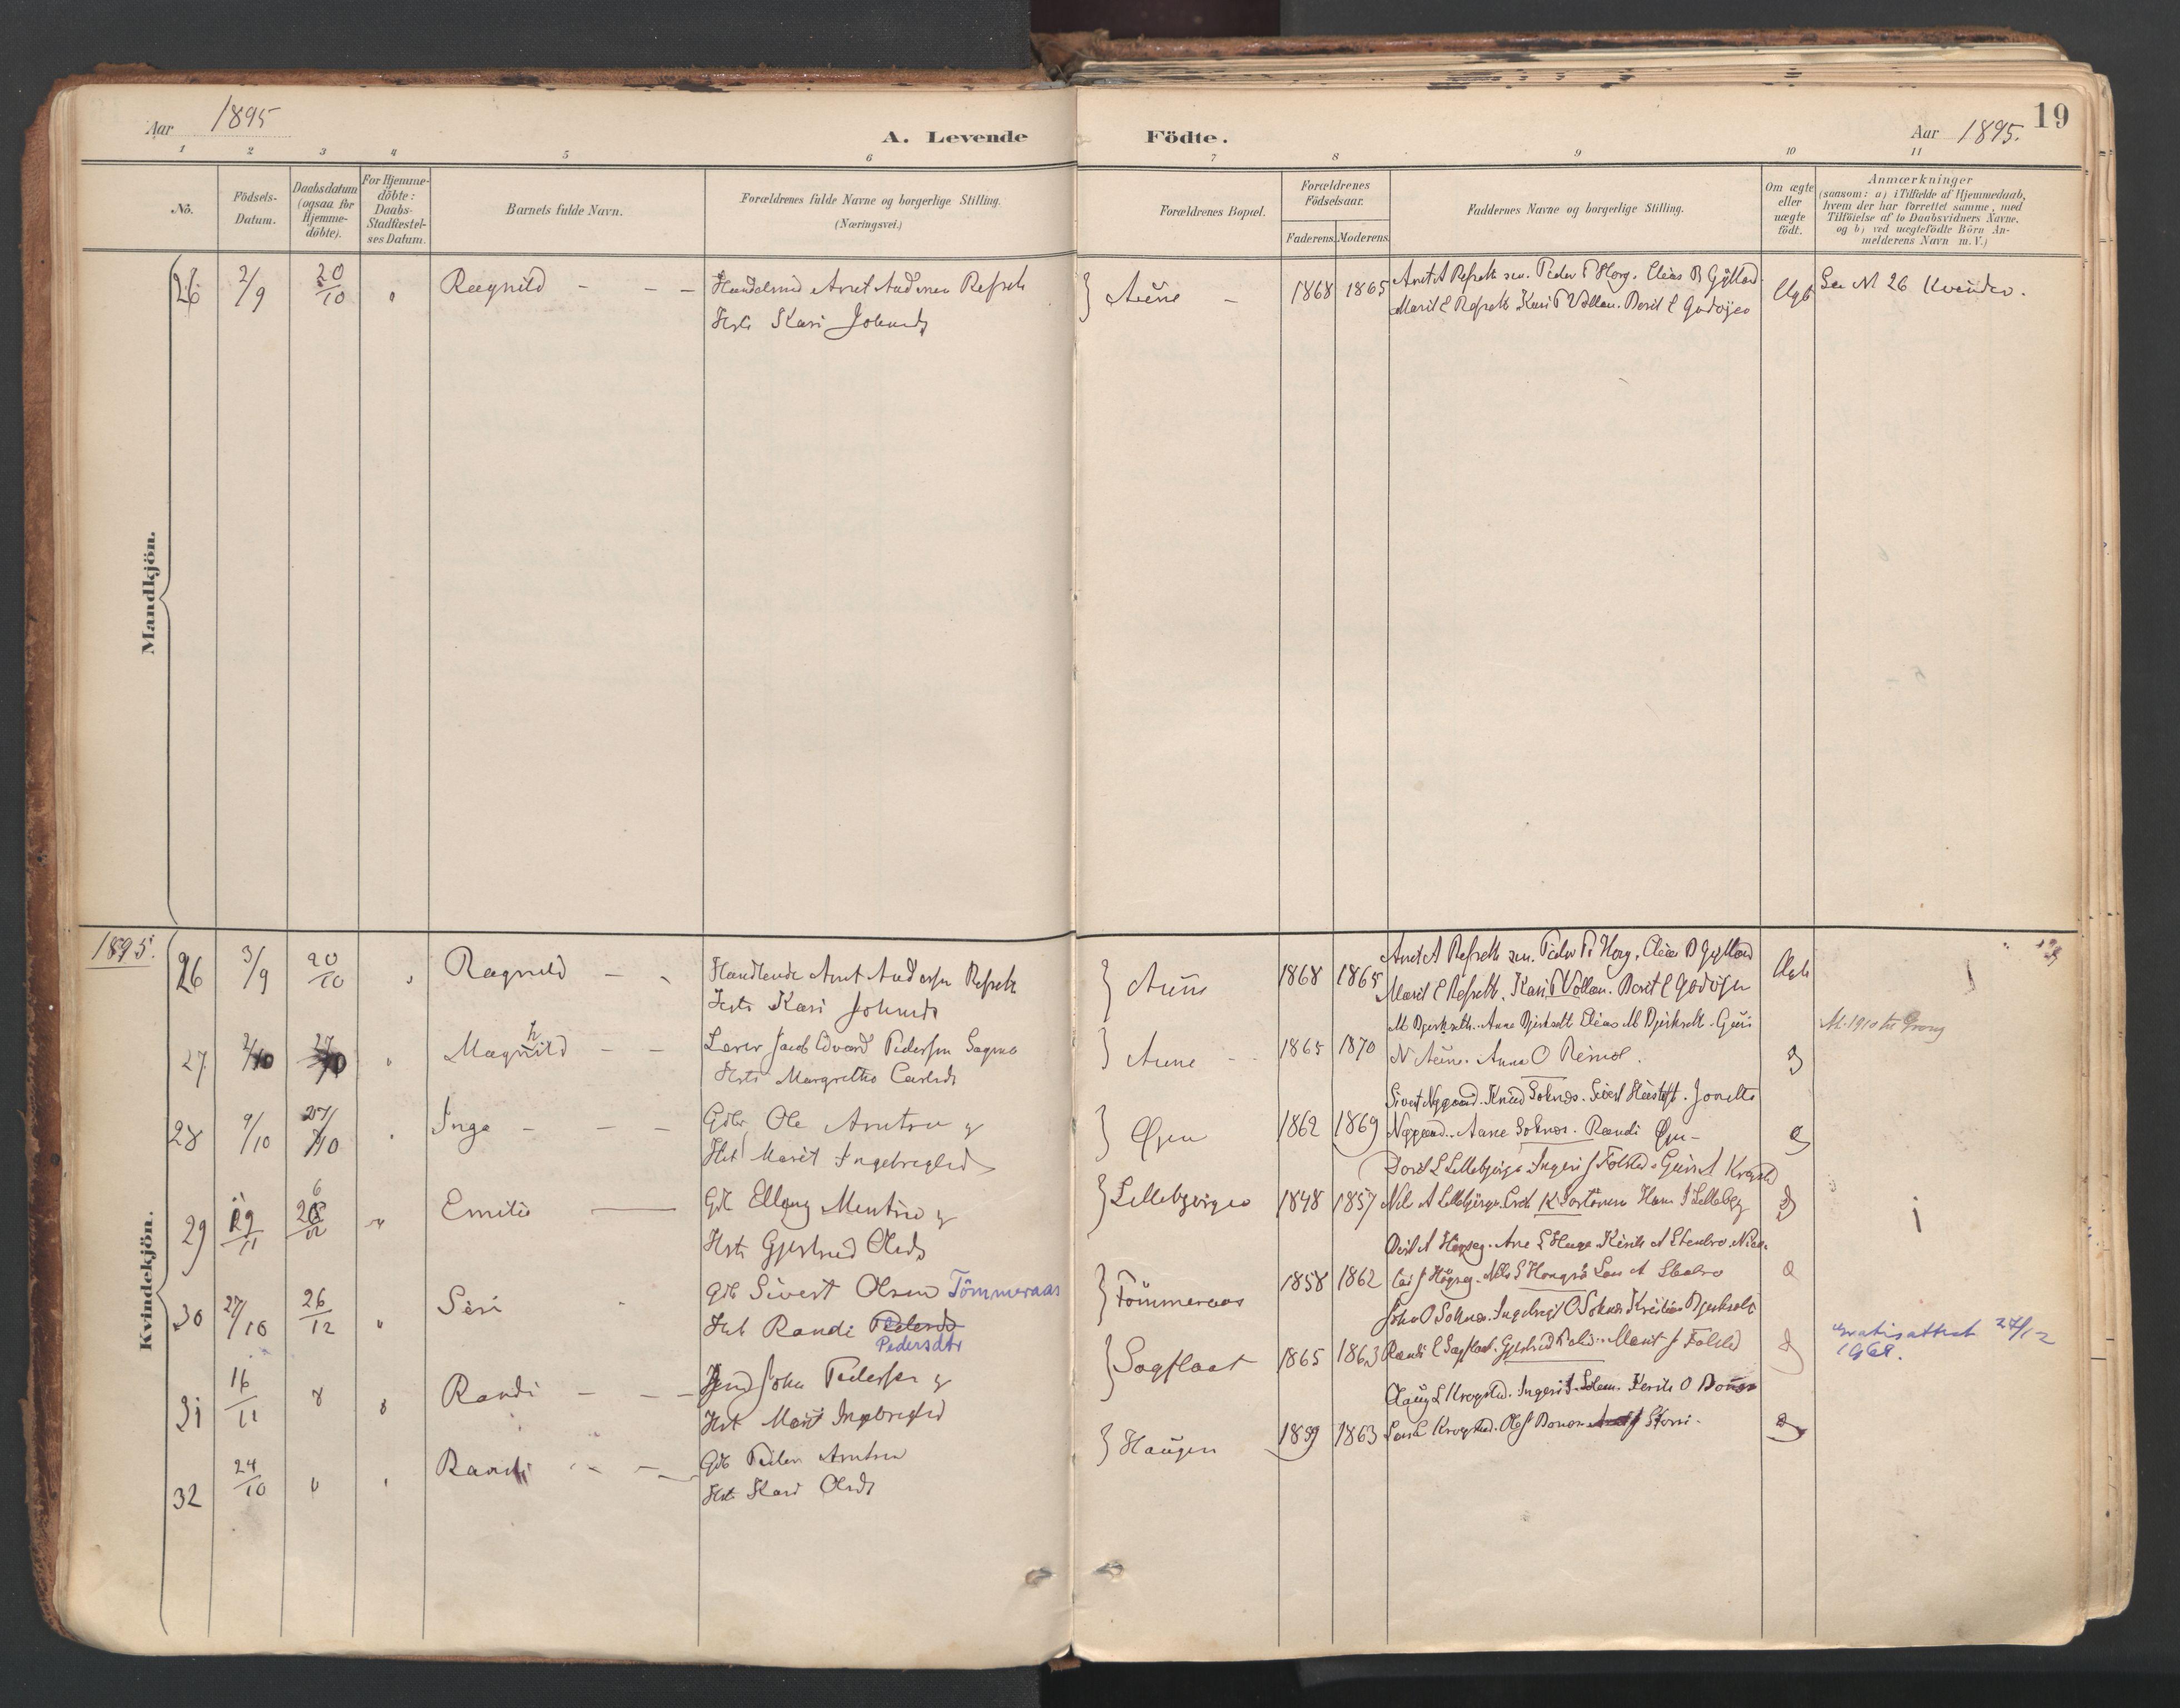 SAT, Ministerialprotokoller, klokkerbøker og fødselsregistre - Sør-Trøndelag, 687/L1004: Ministerialbok nr. 687A10, 1891-1923, s. 19